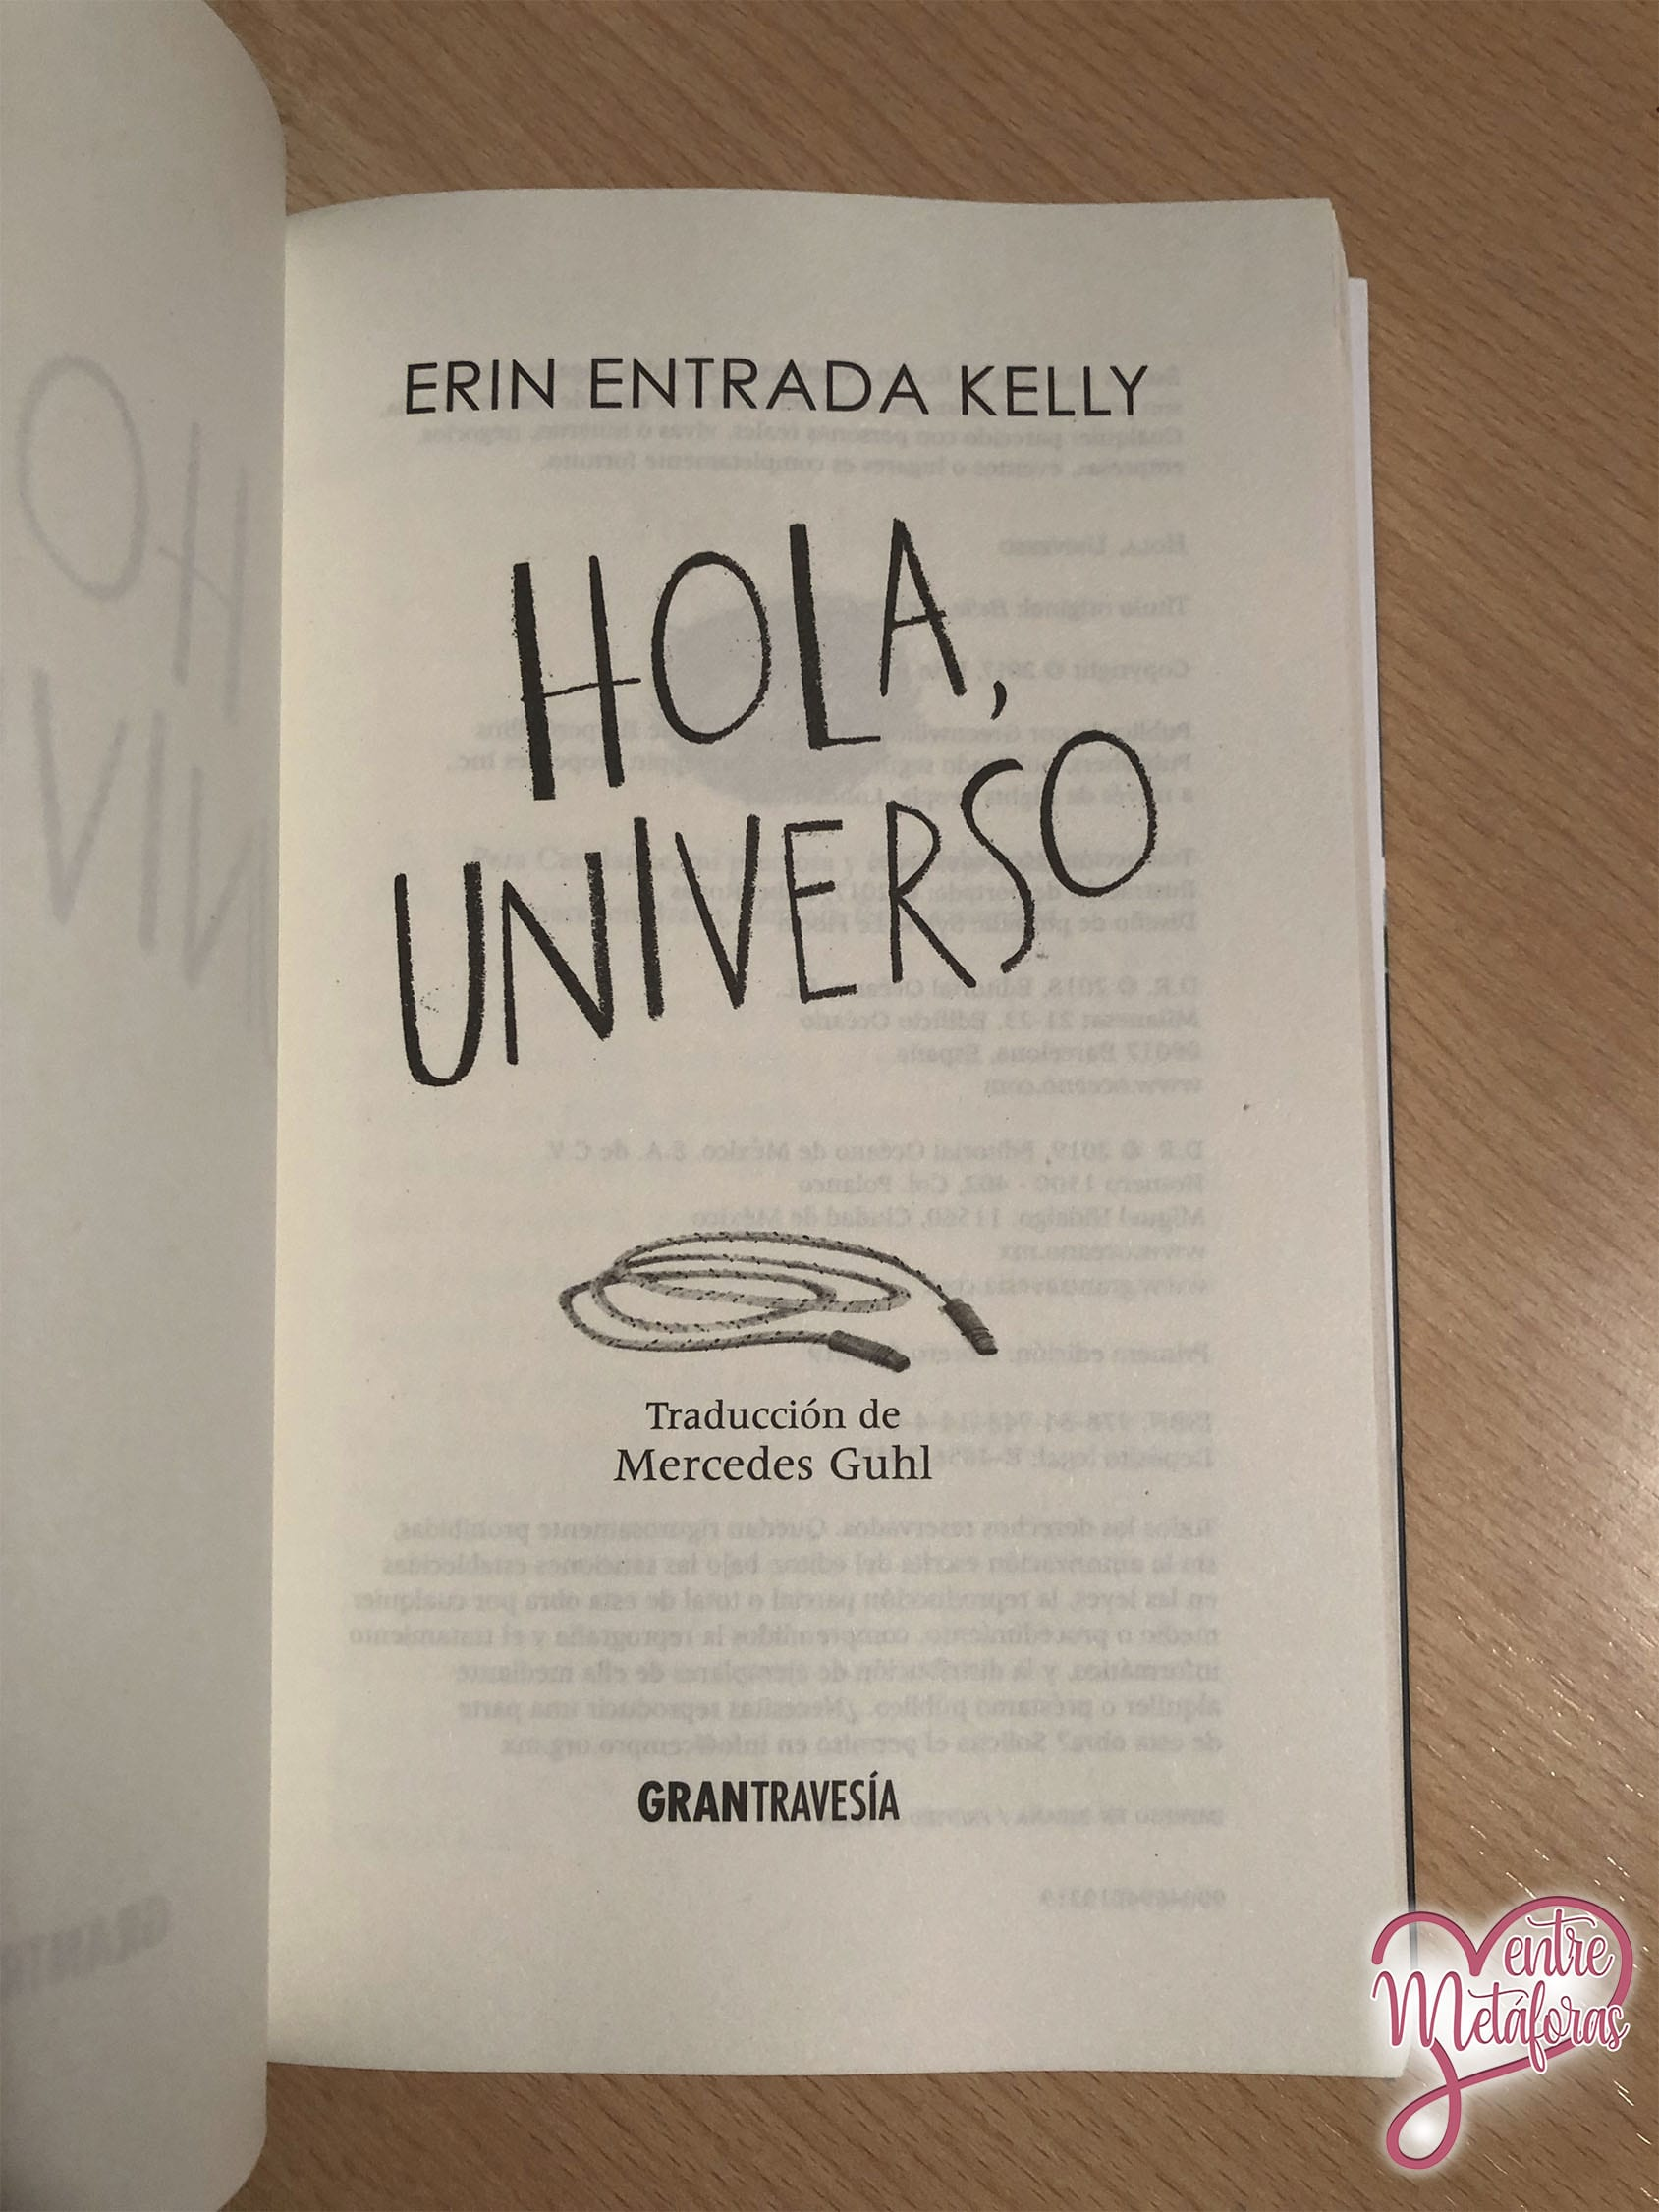 Hola, universo de Erin Entrada Kelly - Reseña